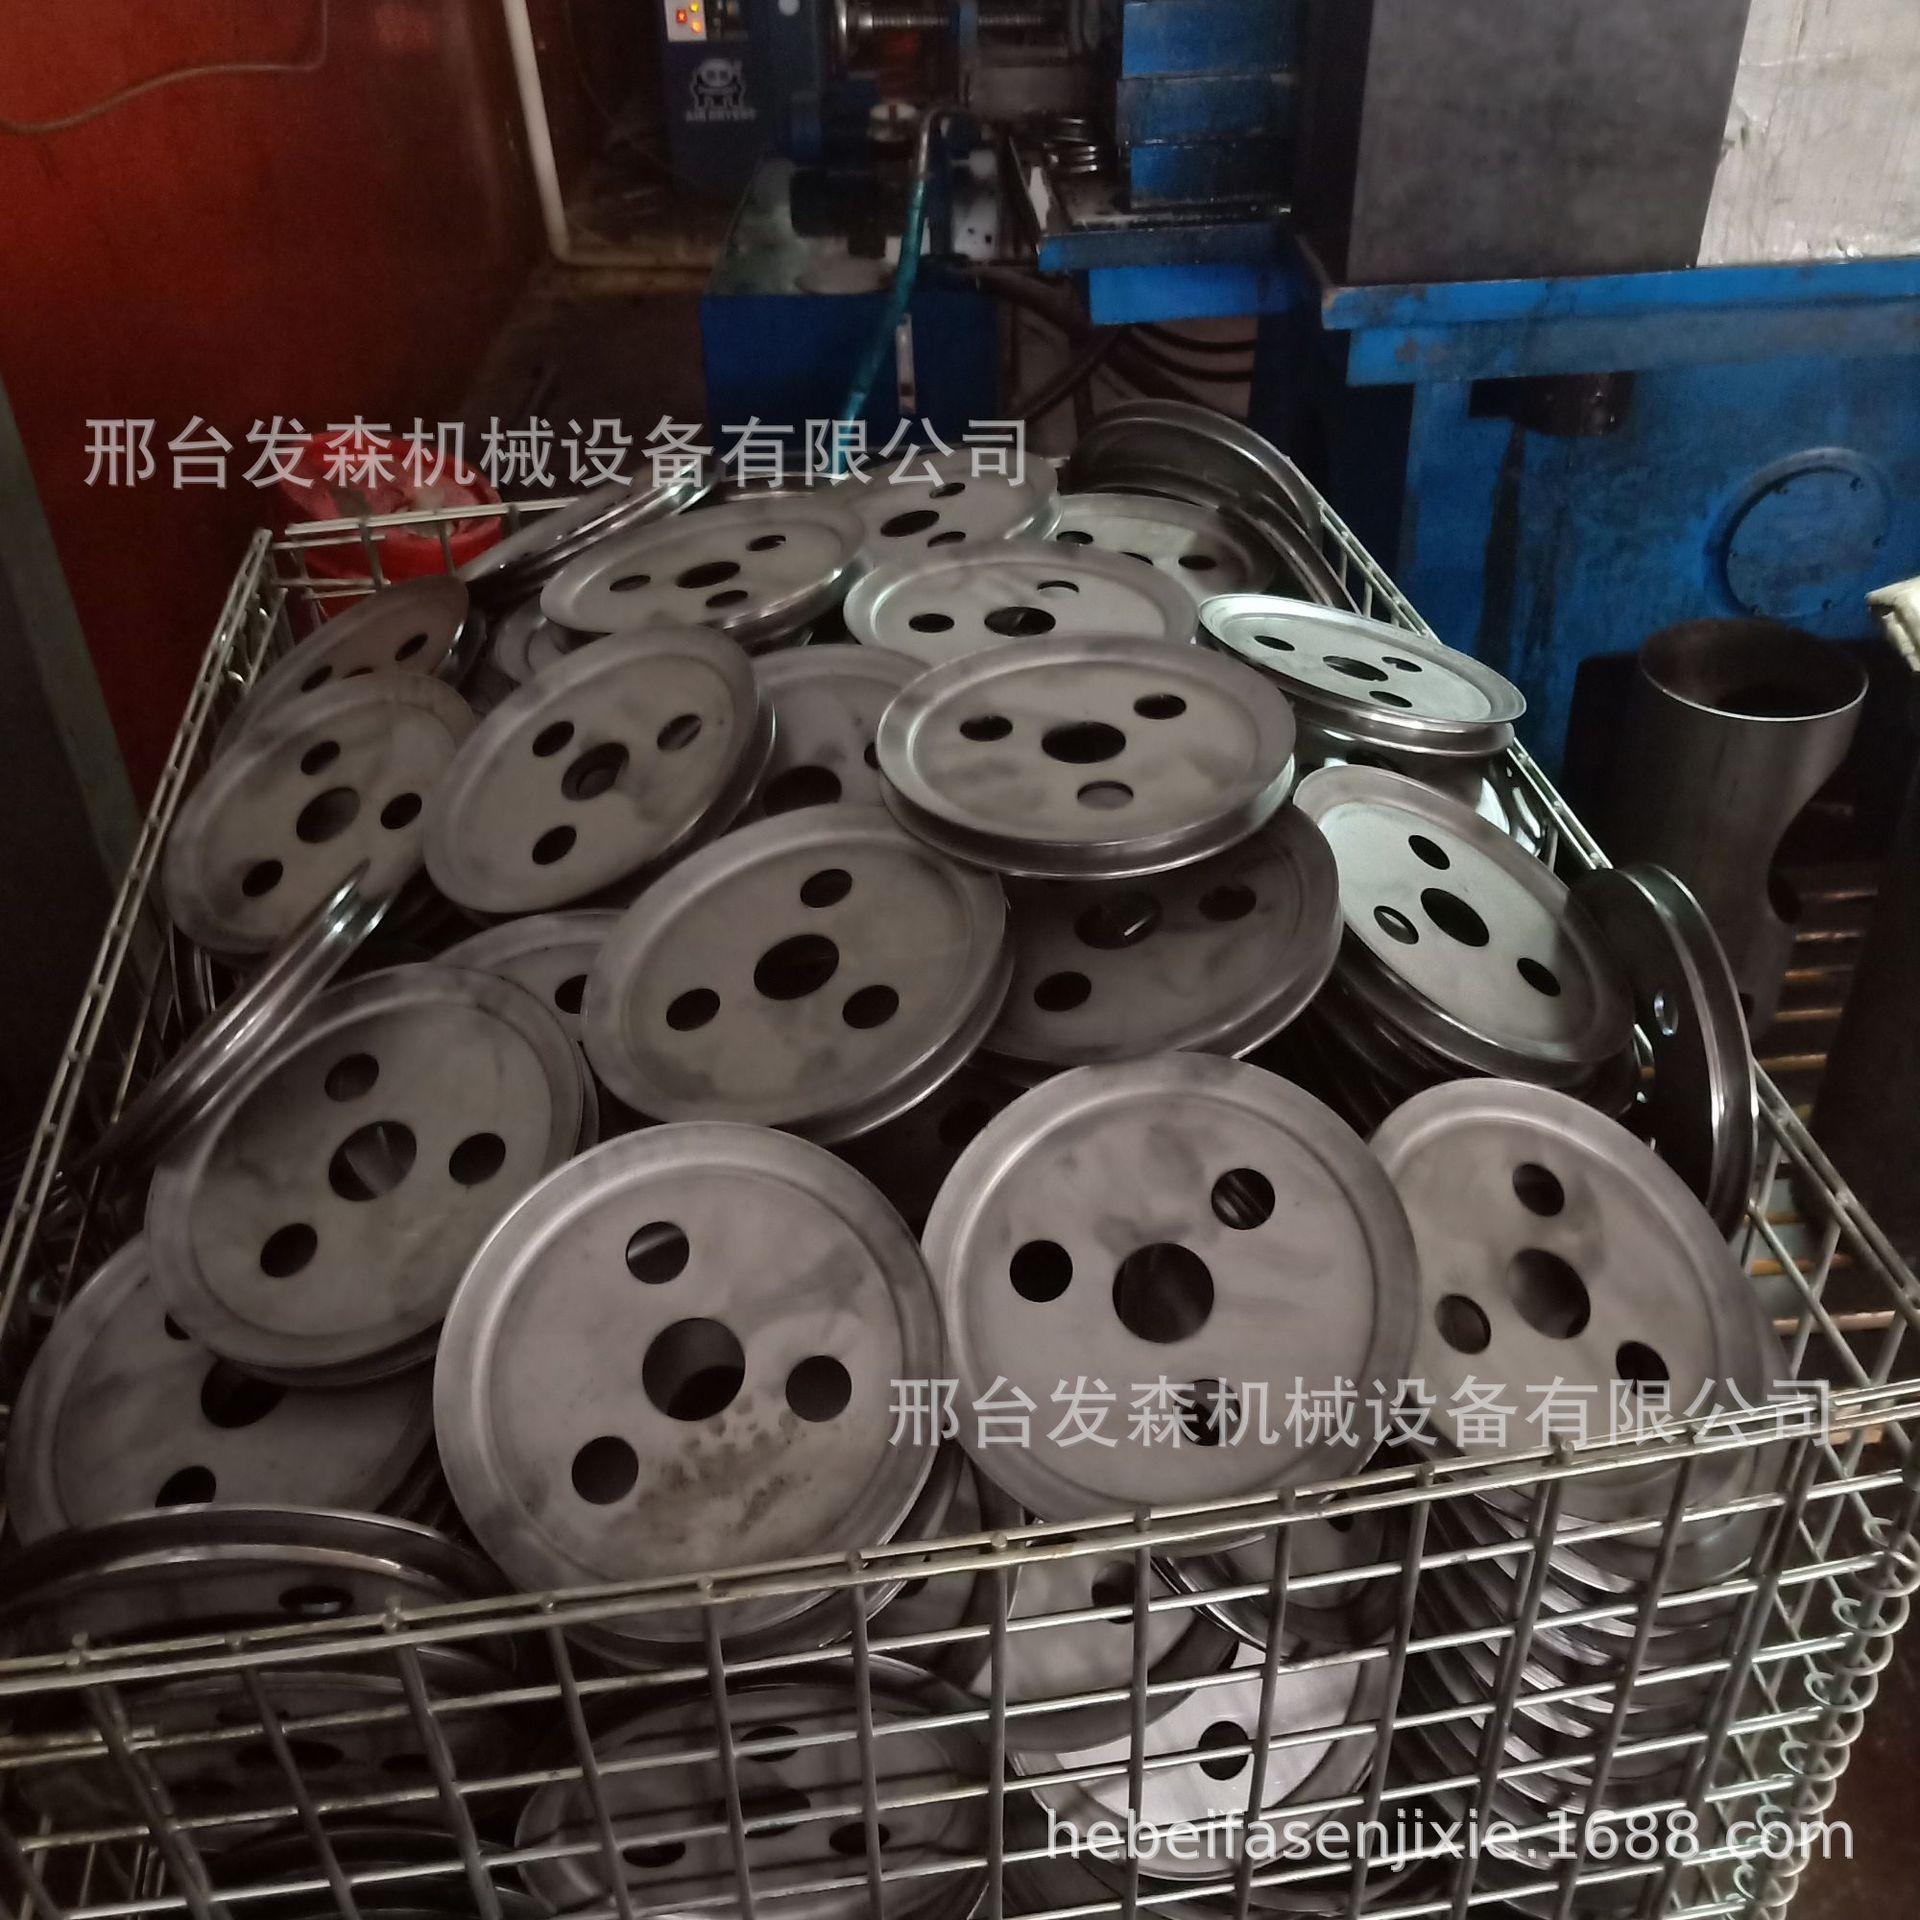 厂家直销劈开式皮带轮 单槽A型直径100皮带轮尺寸精准质量过硬示例图8